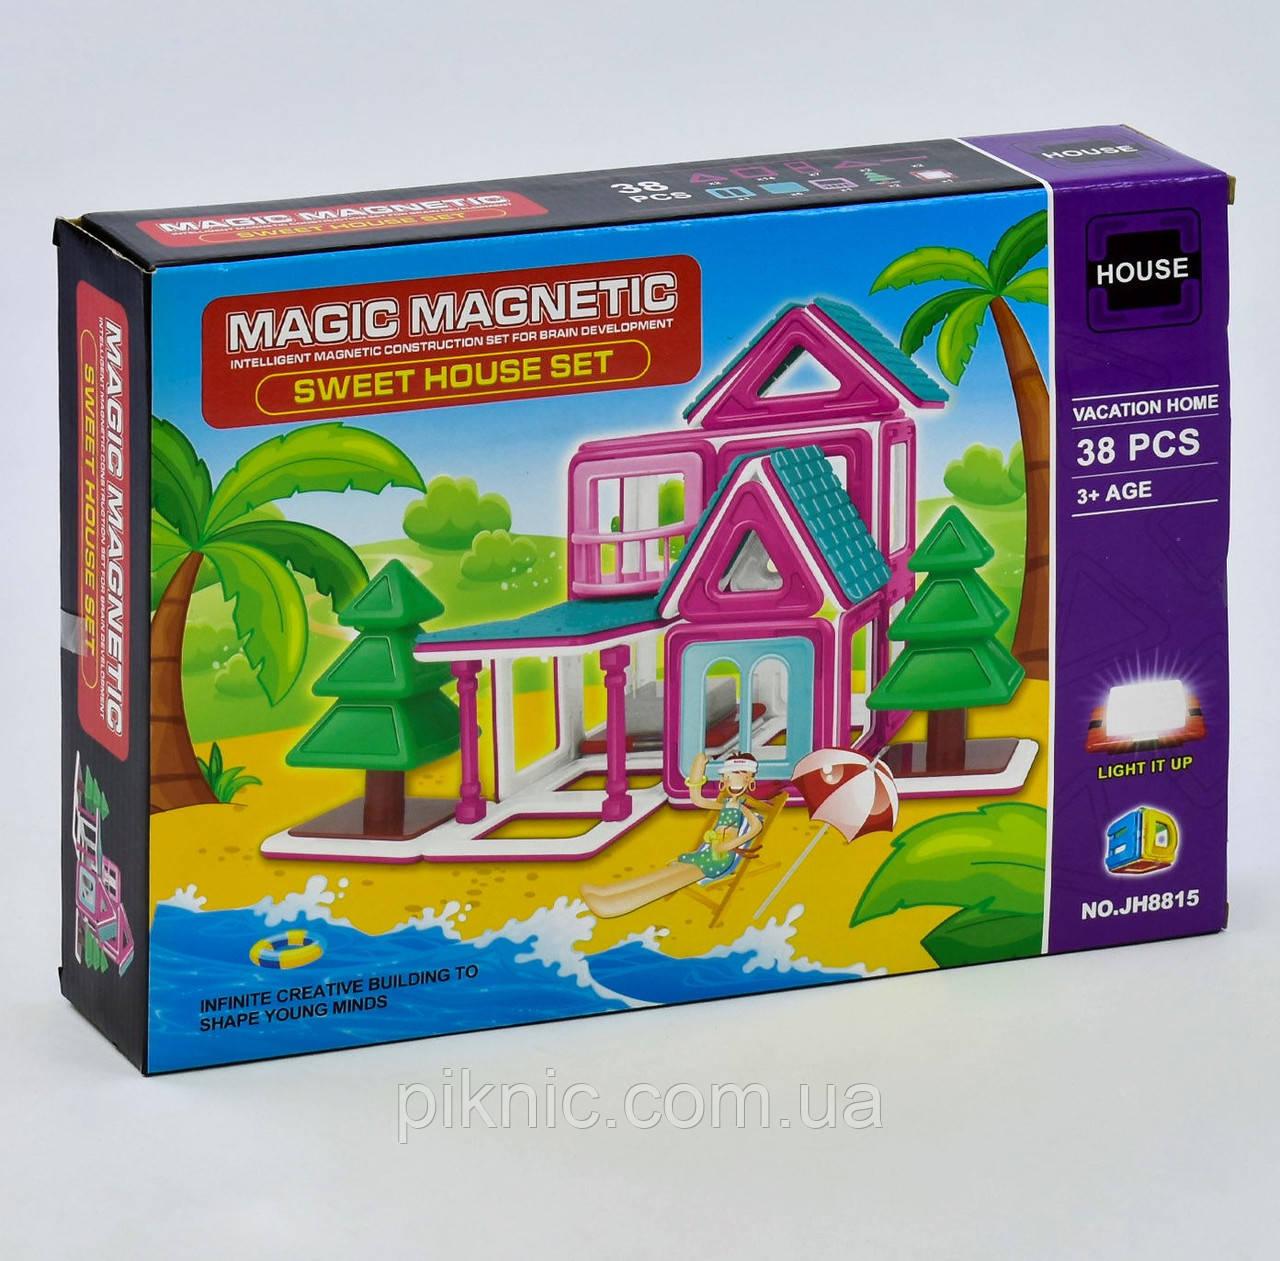 Конструктор магнитный Пляжный домик для девочек, 38 деталей. Детский игровой набор